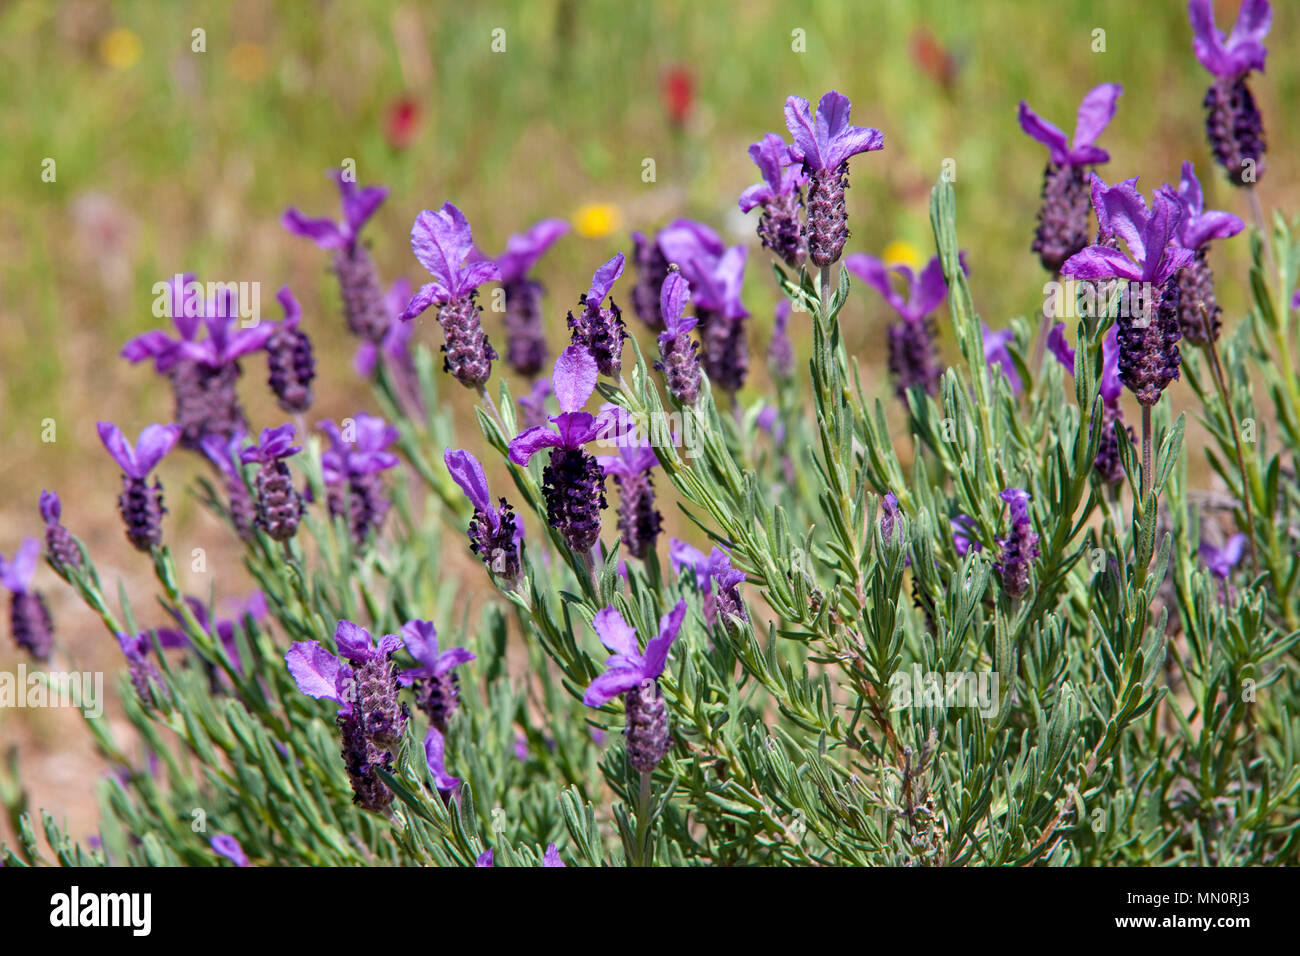 Lavendel (Lavandula angustifolia), flowering, Cap Camarat, Gulf of Saint-Tropez, Cote d'Azur, Département Var, Provence-Alpes-Côte d'Azur, South Franc - Stock Image